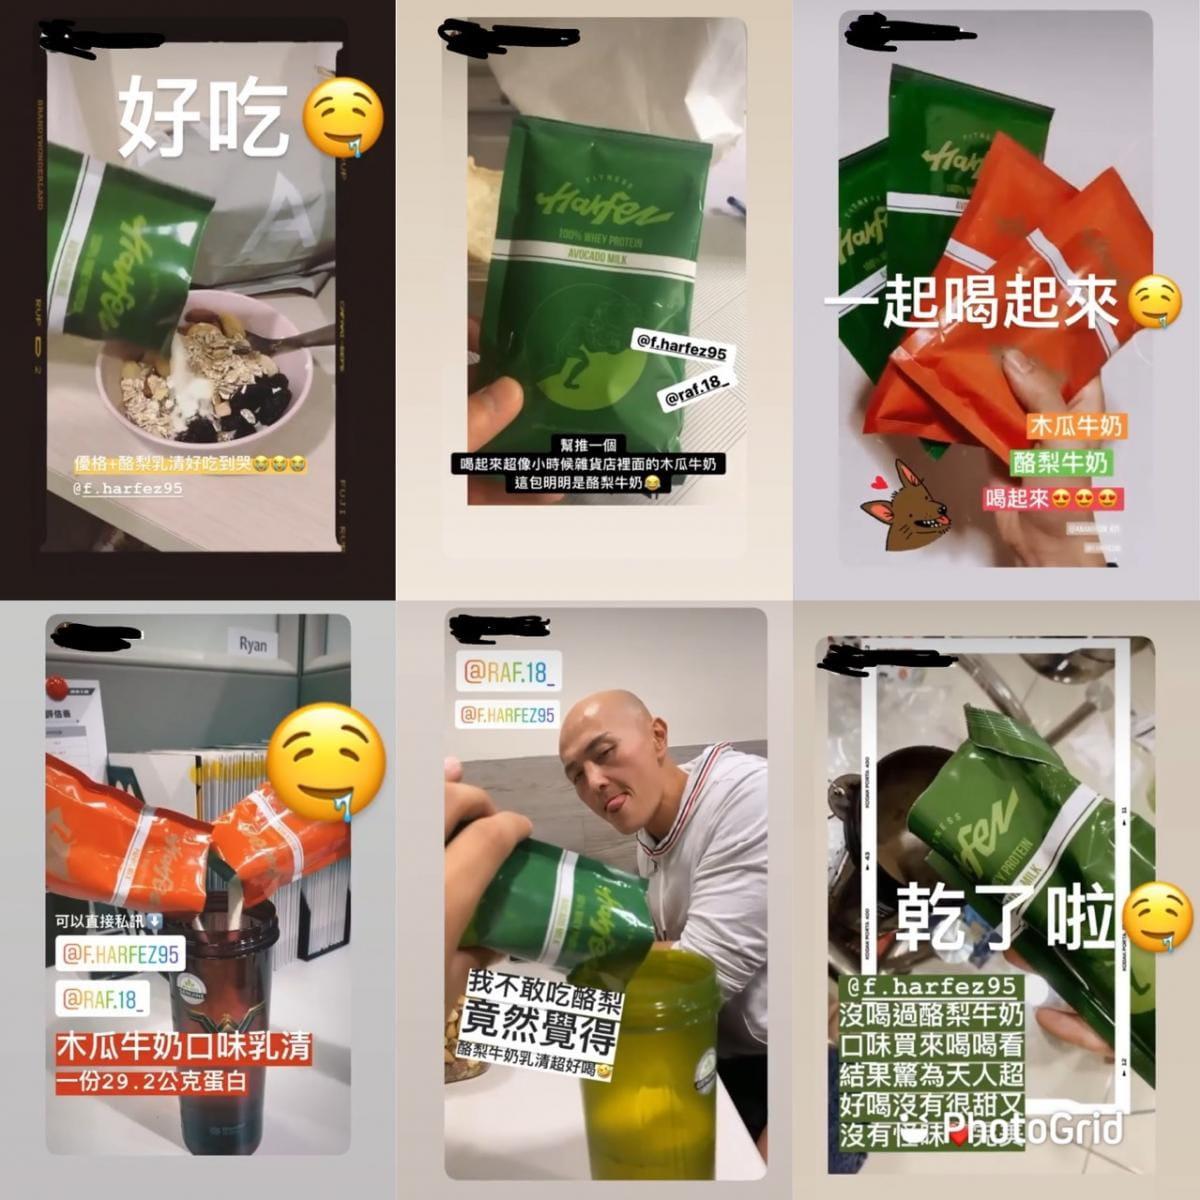 【力宴健身】原創乳清蛋白 - 木瓜牛奶風味 7